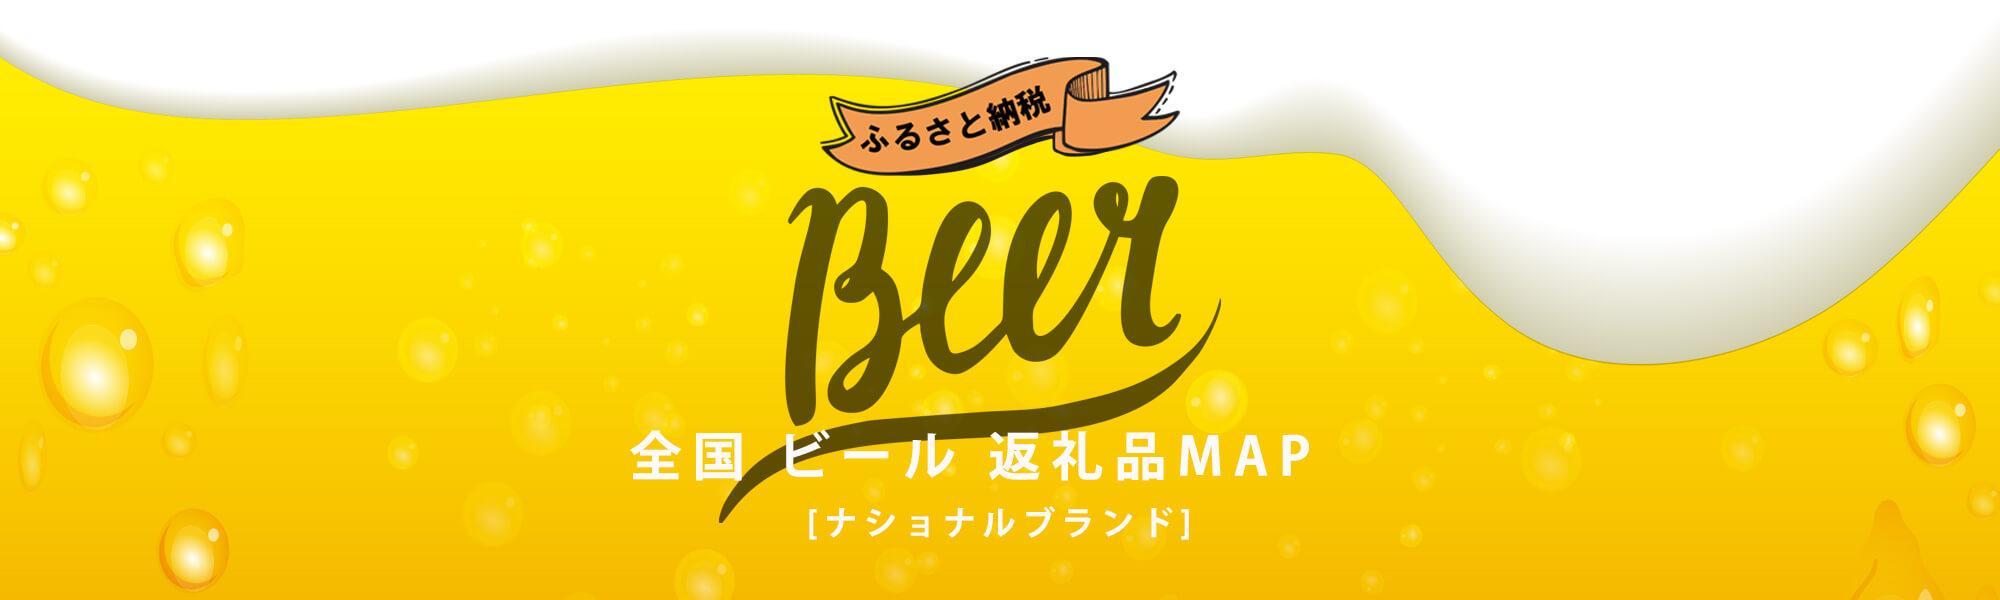 全国のビール(ナショナルブランド) 返礼品MAP<PC>